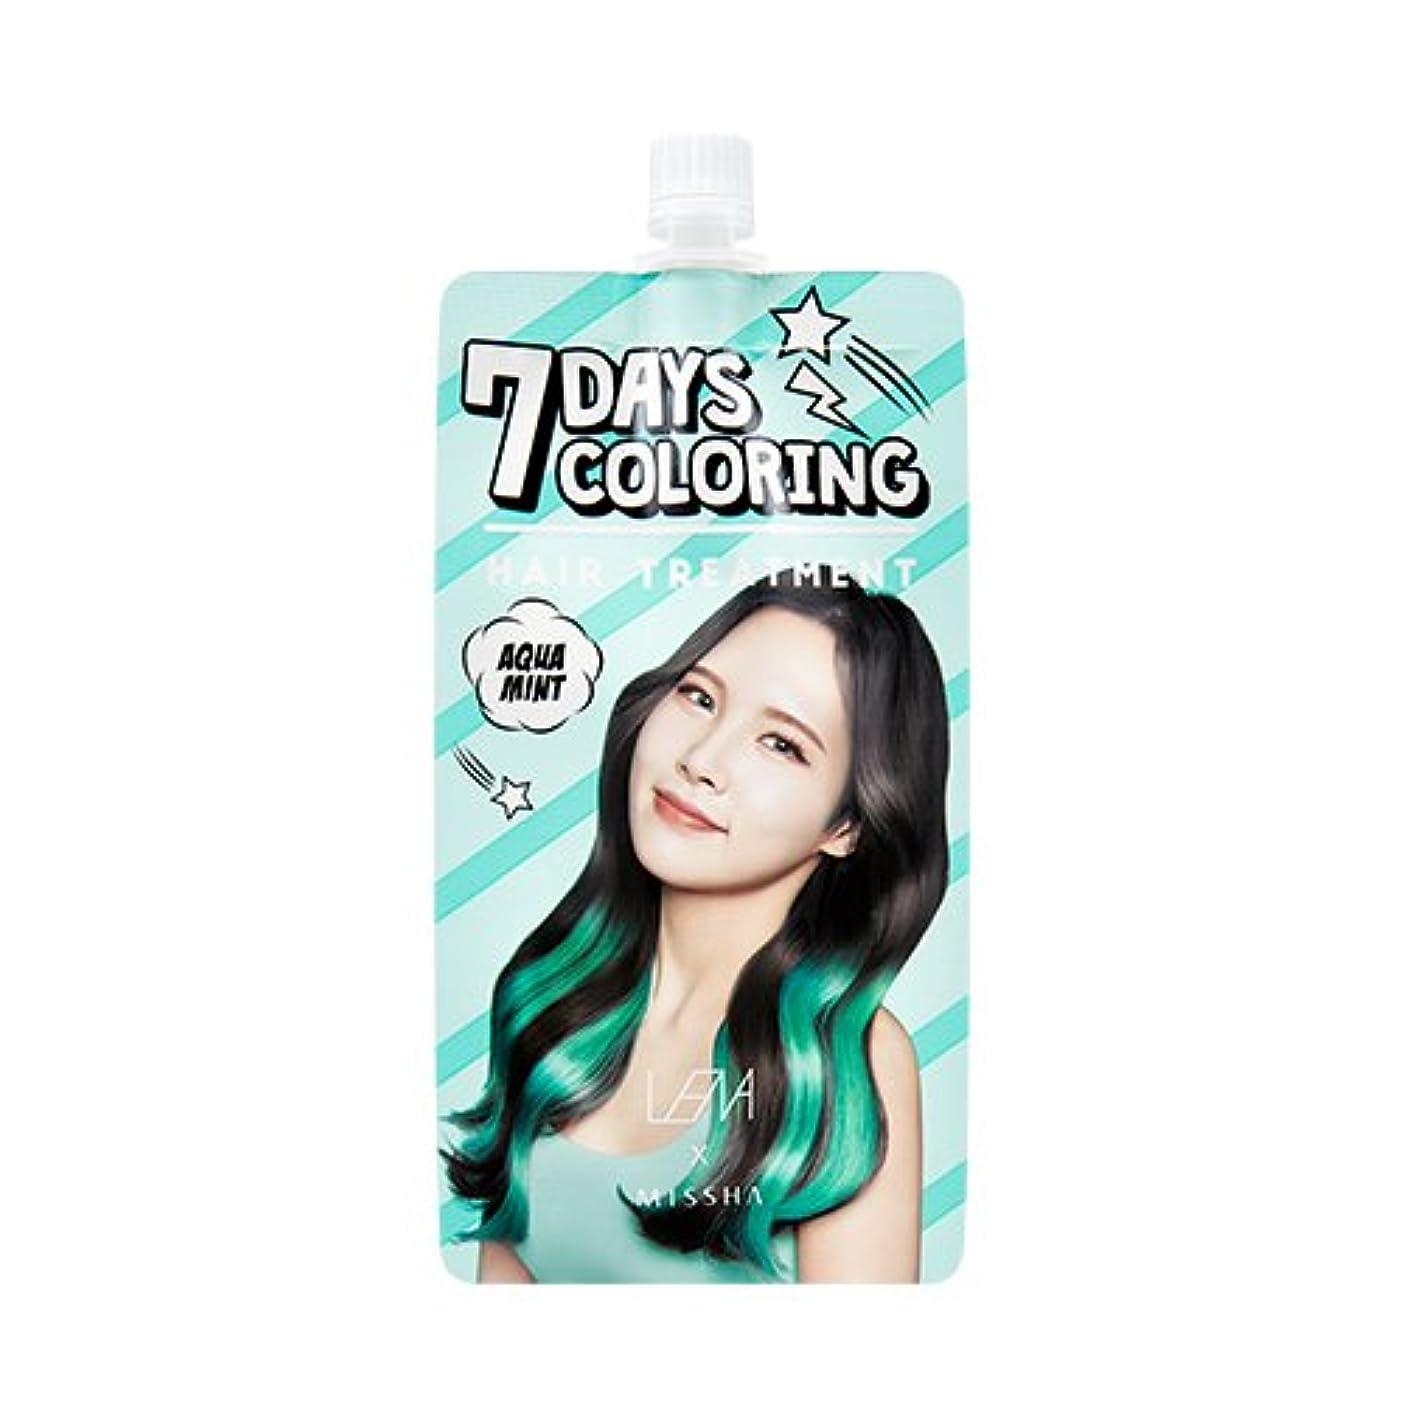 汚染されたしたいオアシスMISSHA Seven Days Coloring Hair Treatment #Aquamint -LENA Edition /ミシャ セブンデイズカラーリングヘアトリートメント - レナエディション (アクアミント...